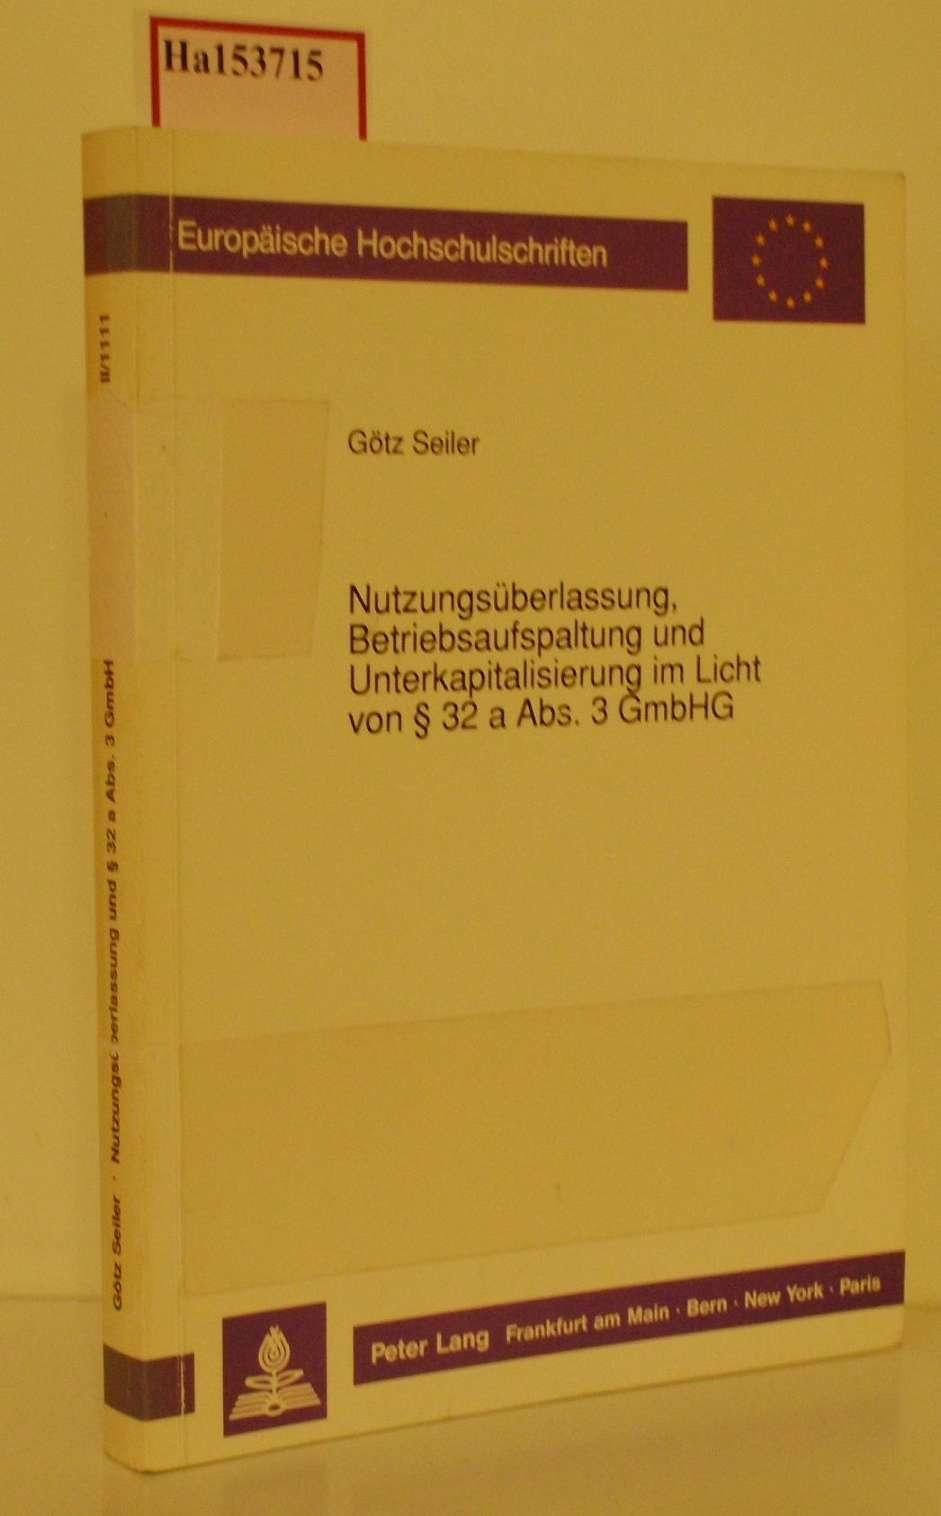 Nutzungsüberlassung, Betriebsaufspaltung und Unterkapitalisierung im Licht von § 32 a Abs. 3 GmbHG.